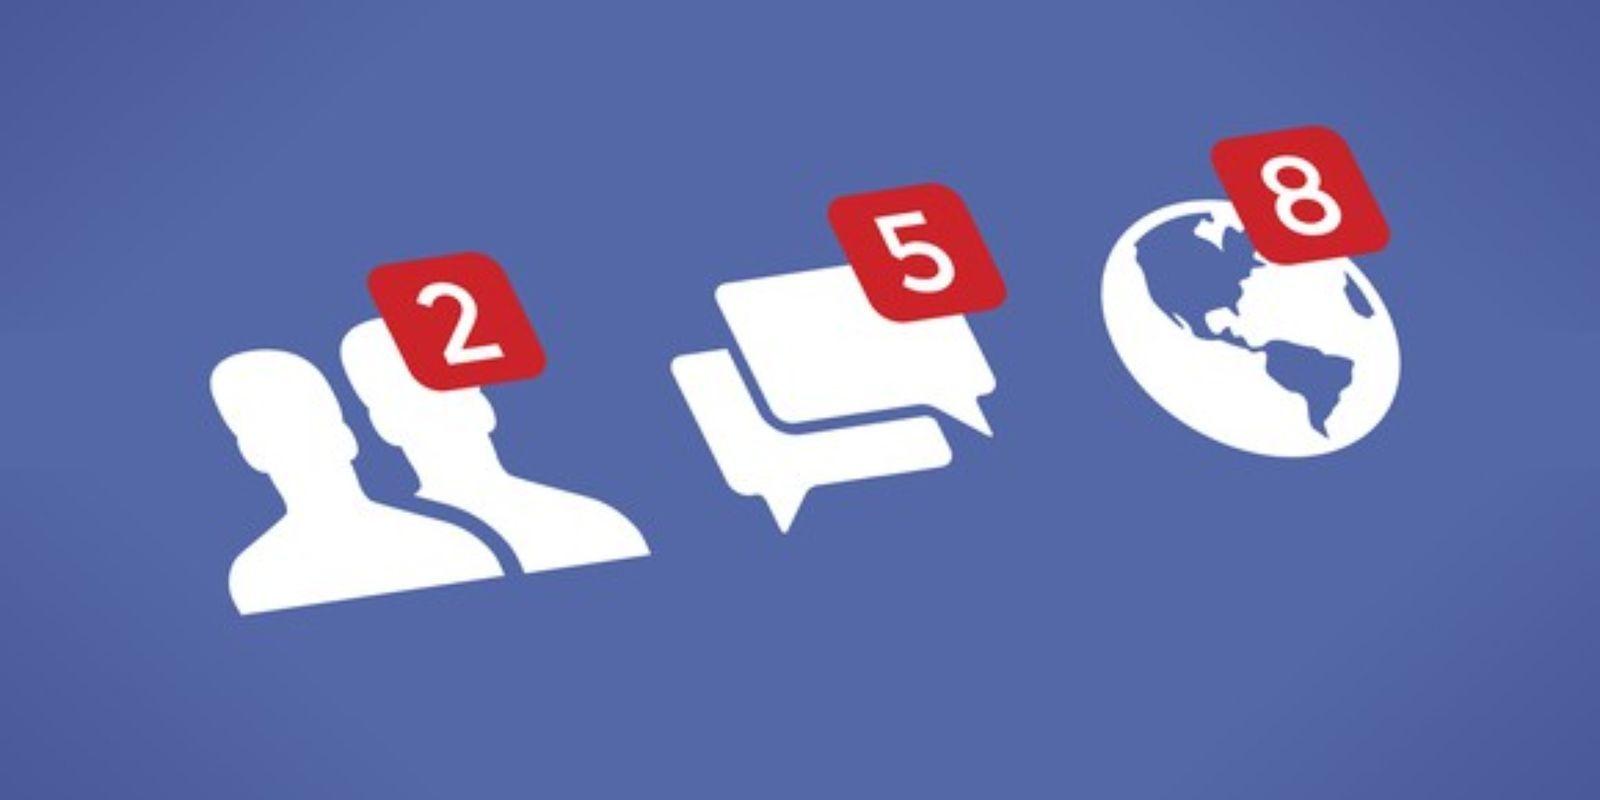 """Photo of Putem """"Fejsbuk"""" profila oštetio osobu za oko 60.000 KM"""